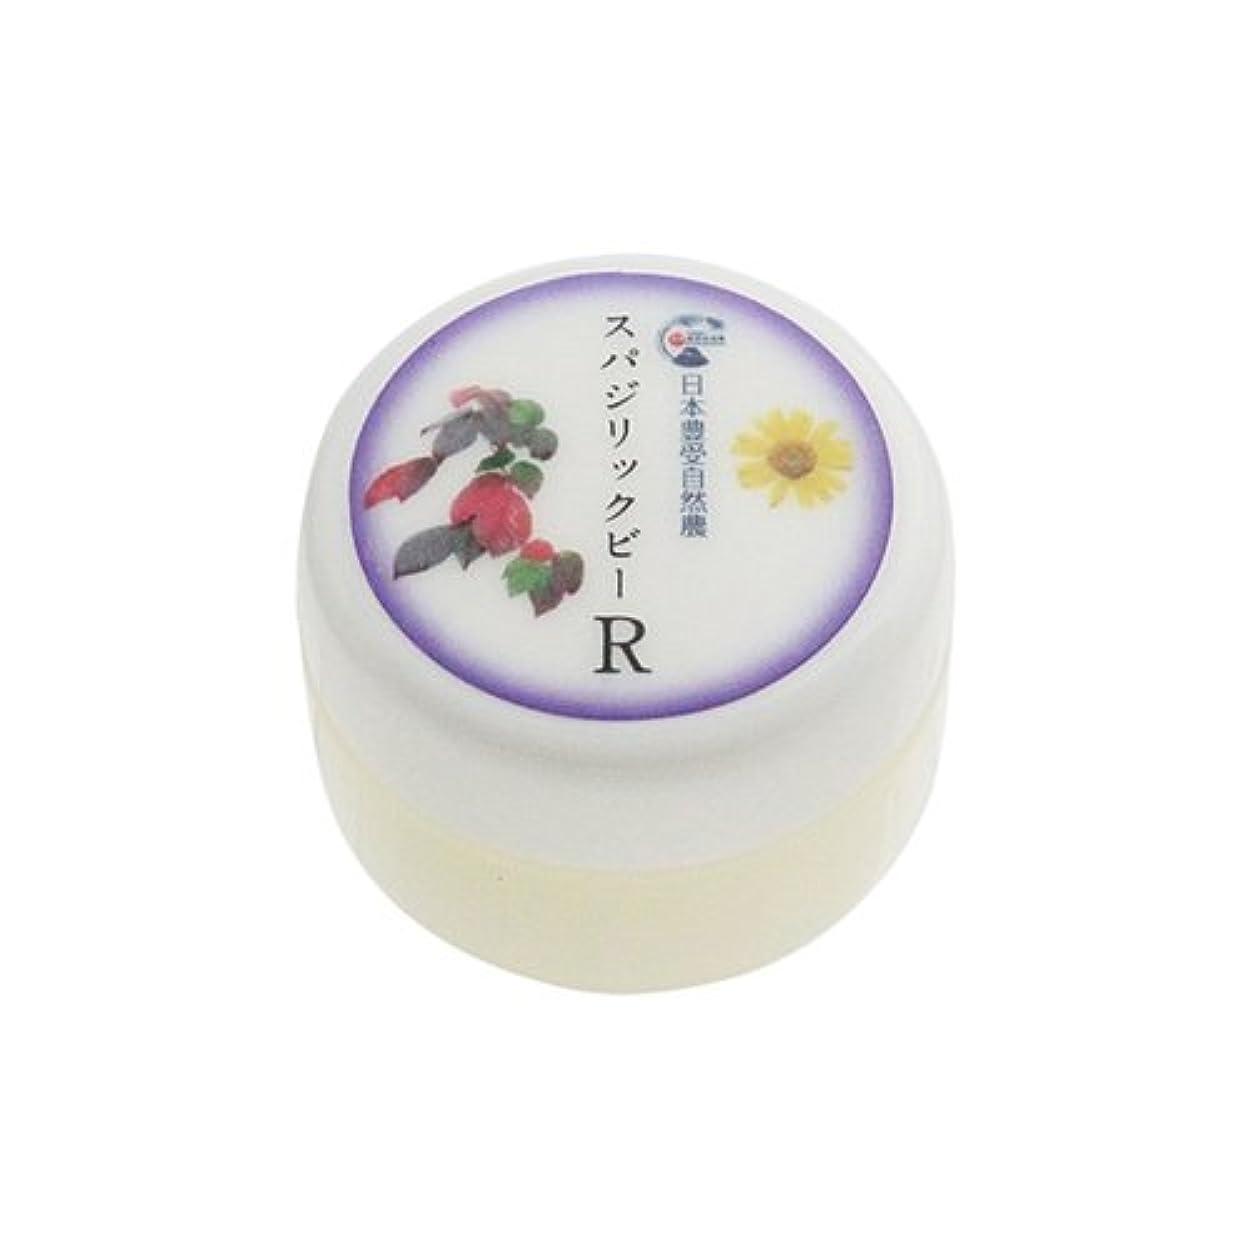 ラリーベルモント無謀悪名高い日本豊受自然農 スパジリック ビーR(小) 10g